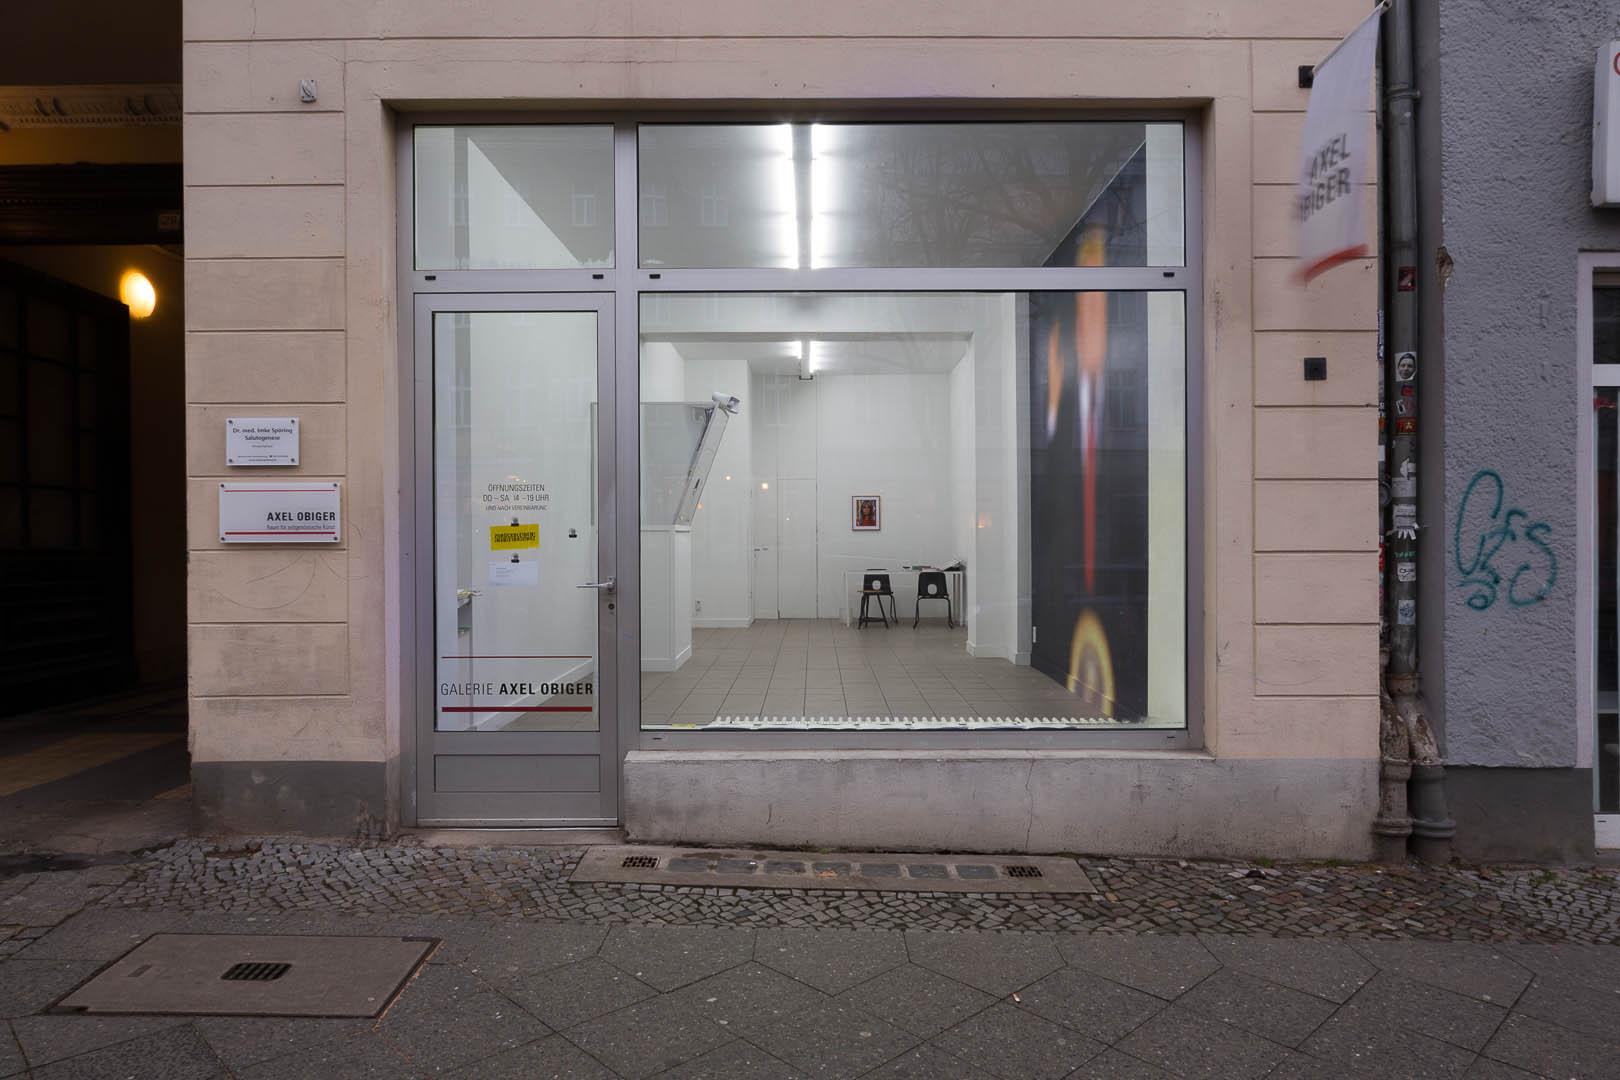 Zurückbleiben! 2018, Axel Obiger, Berlin (D)